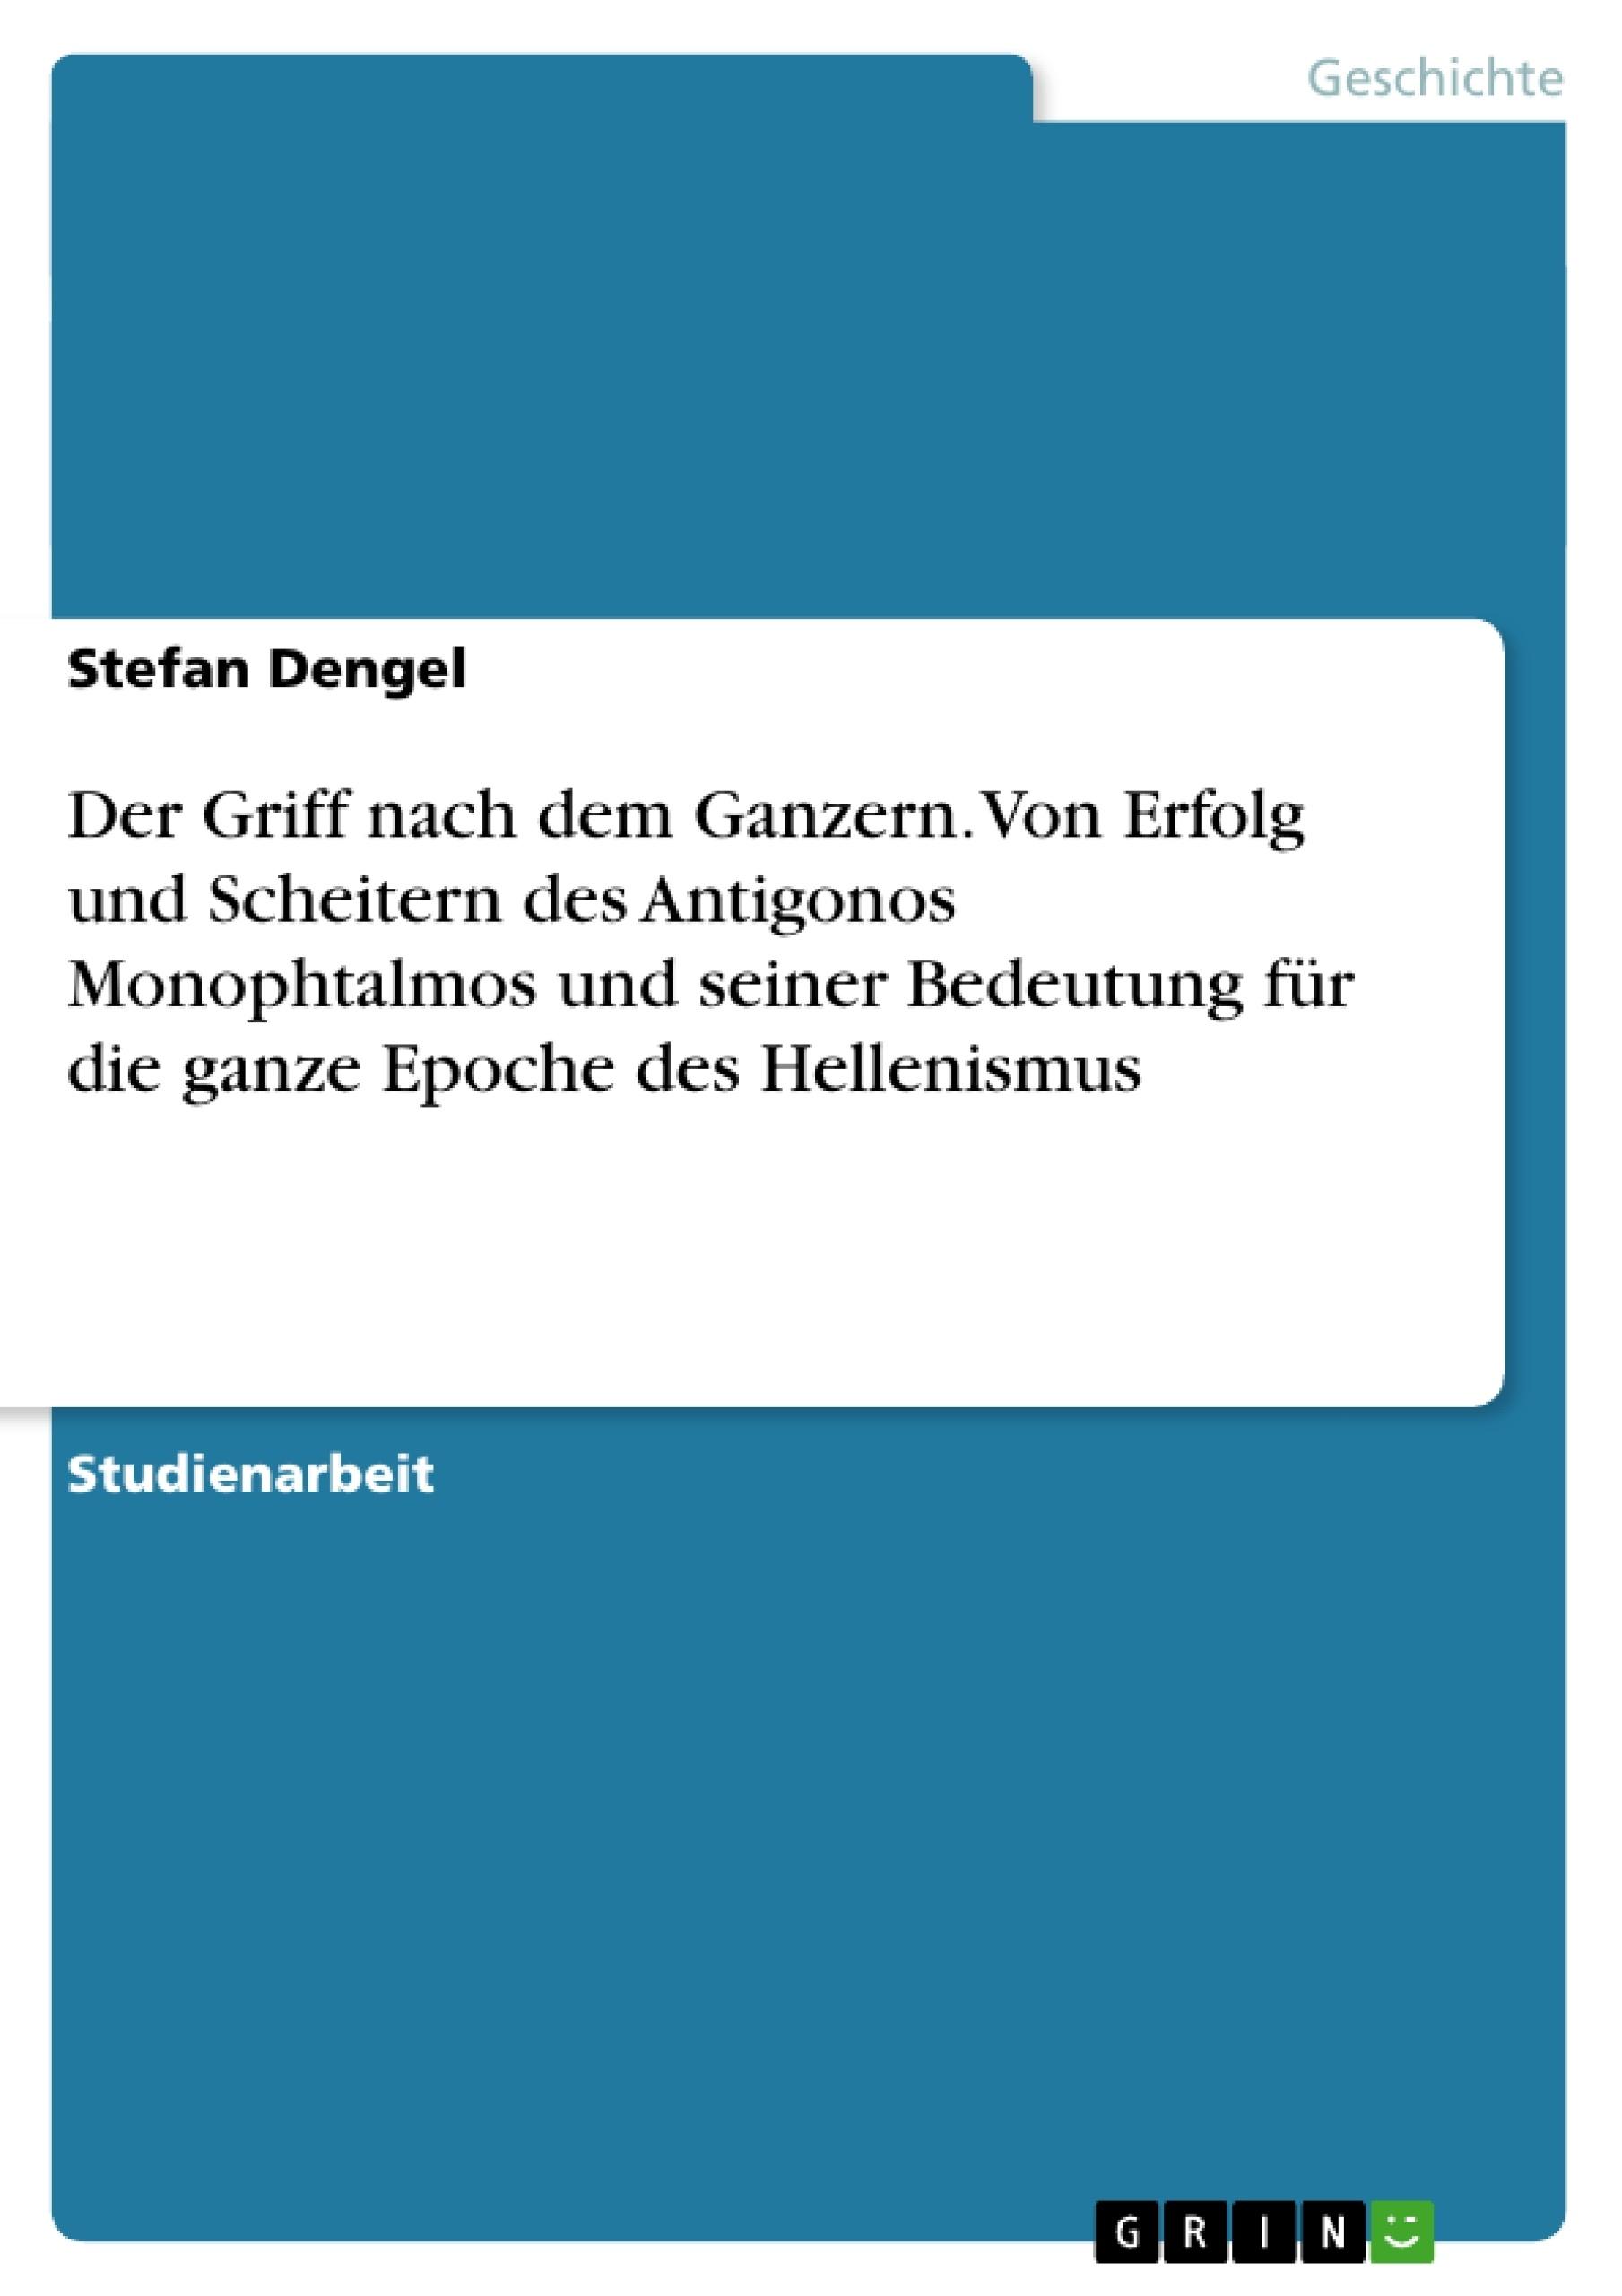 Titel: Der Griff nach dem Ganzern. Von Erfolg und Scheitern des Antigonos Monophtalmos und seiner Bedeutung für die ganze Epoche des Hellenismus